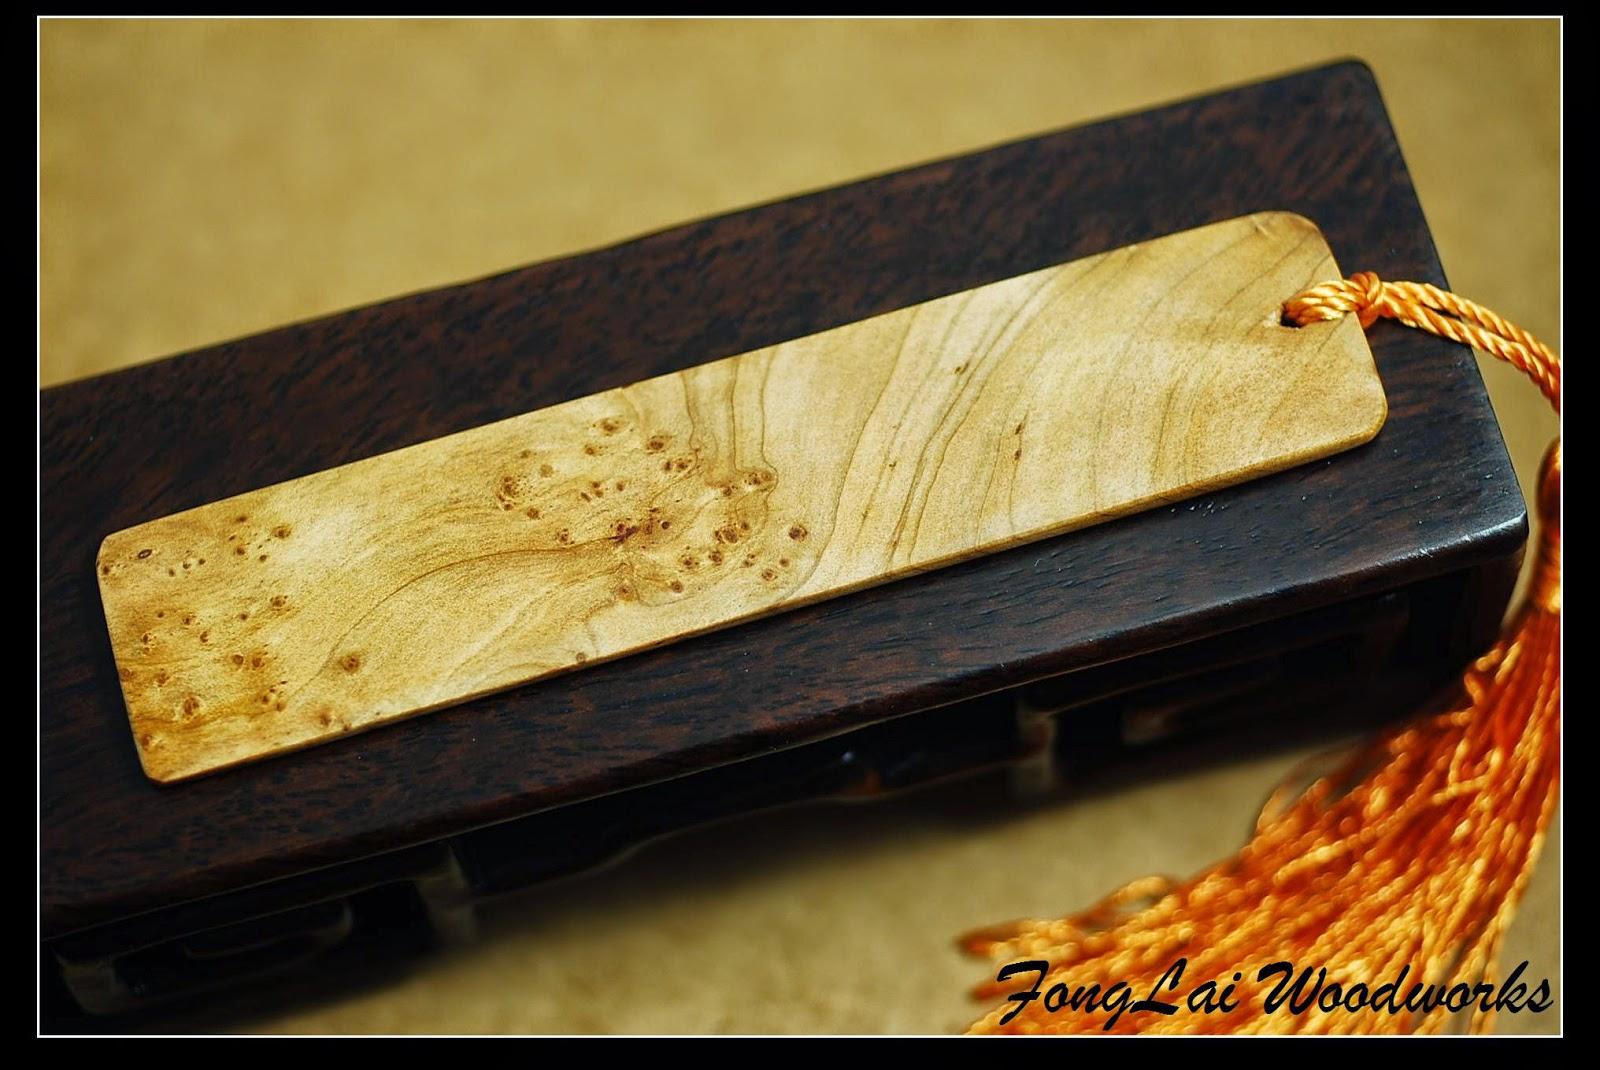 風來坊~Fonglai Woodworks~ : 《世界銘木書籤》各色銘木素材